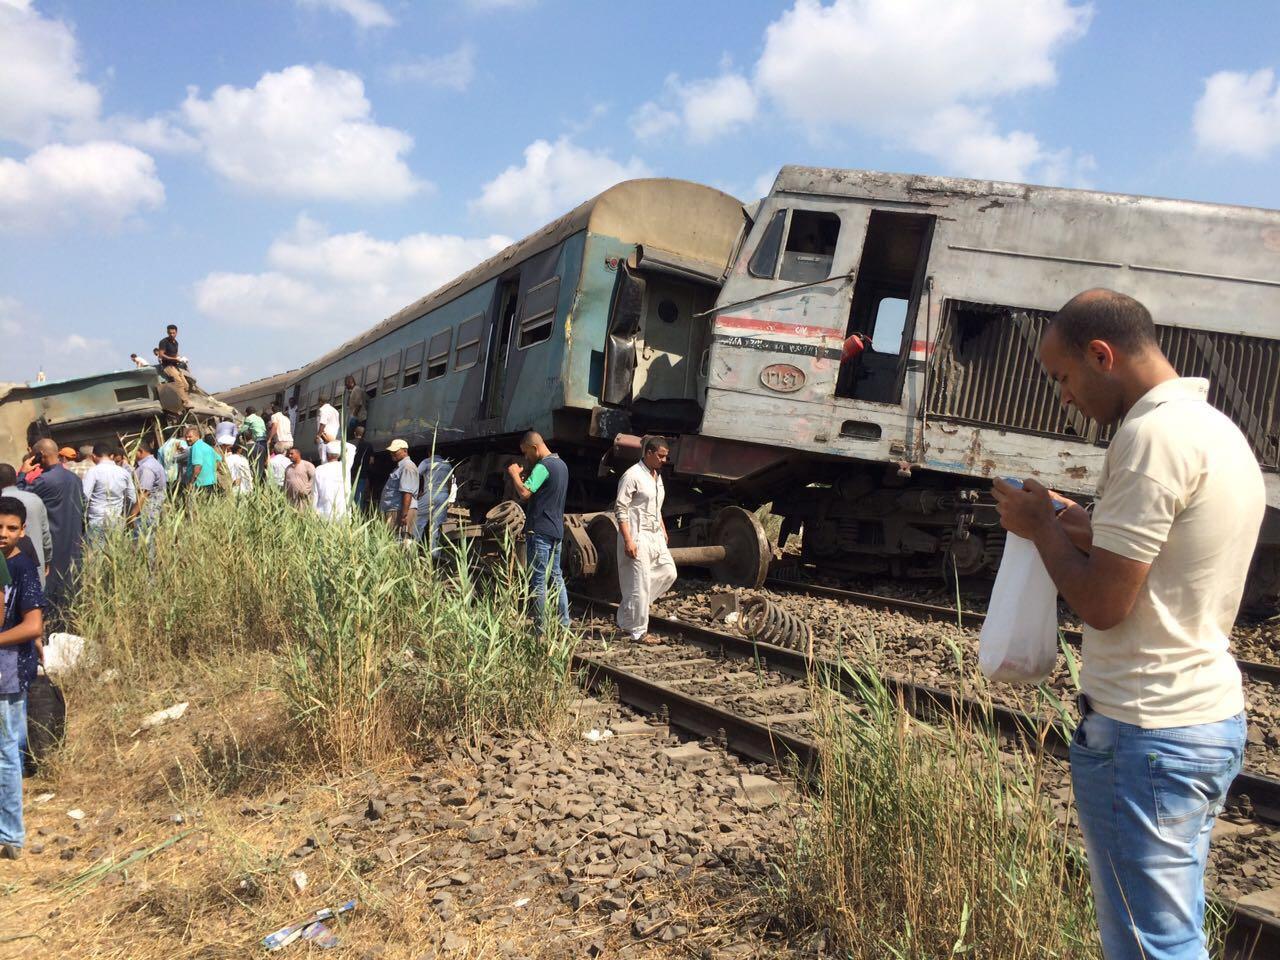 1الصحة 36 حالة وفاة وإصابة 123 أخرين فى حادث تصادم قطارين بالإسكندرية